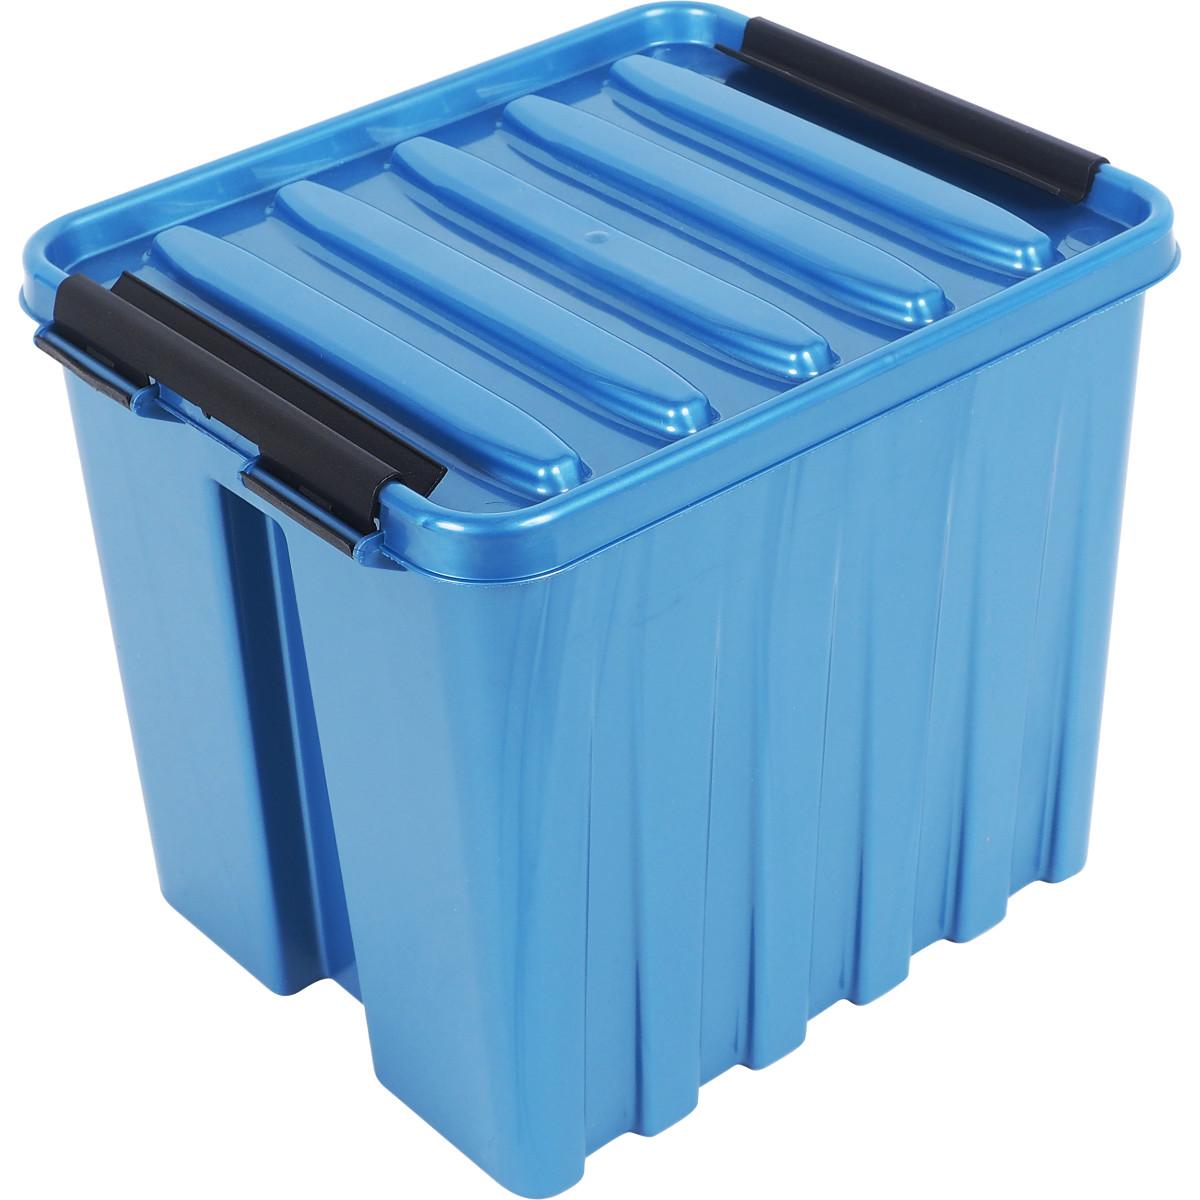 Контейнер Rox Box 21х17x18 см 4.5 л пластик цвет синий  с крышкой